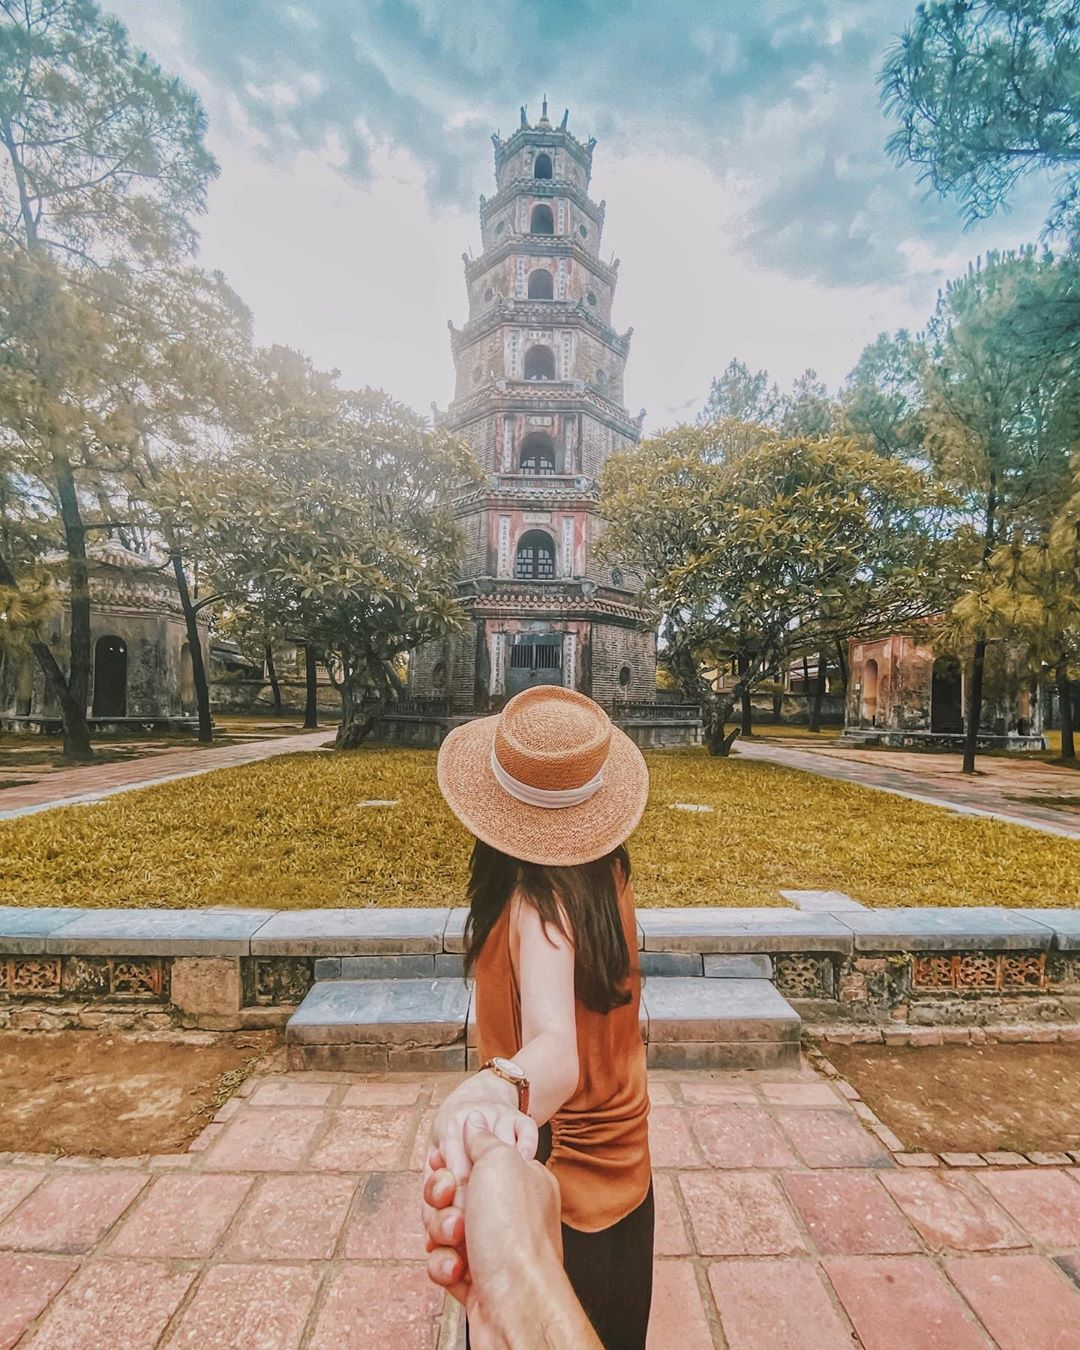 Tour du lịch Huế từ Đà Nẵng: Hè chao nghiêng cùng những gói tour đầy hấp dẫn  - Ảnh 6.